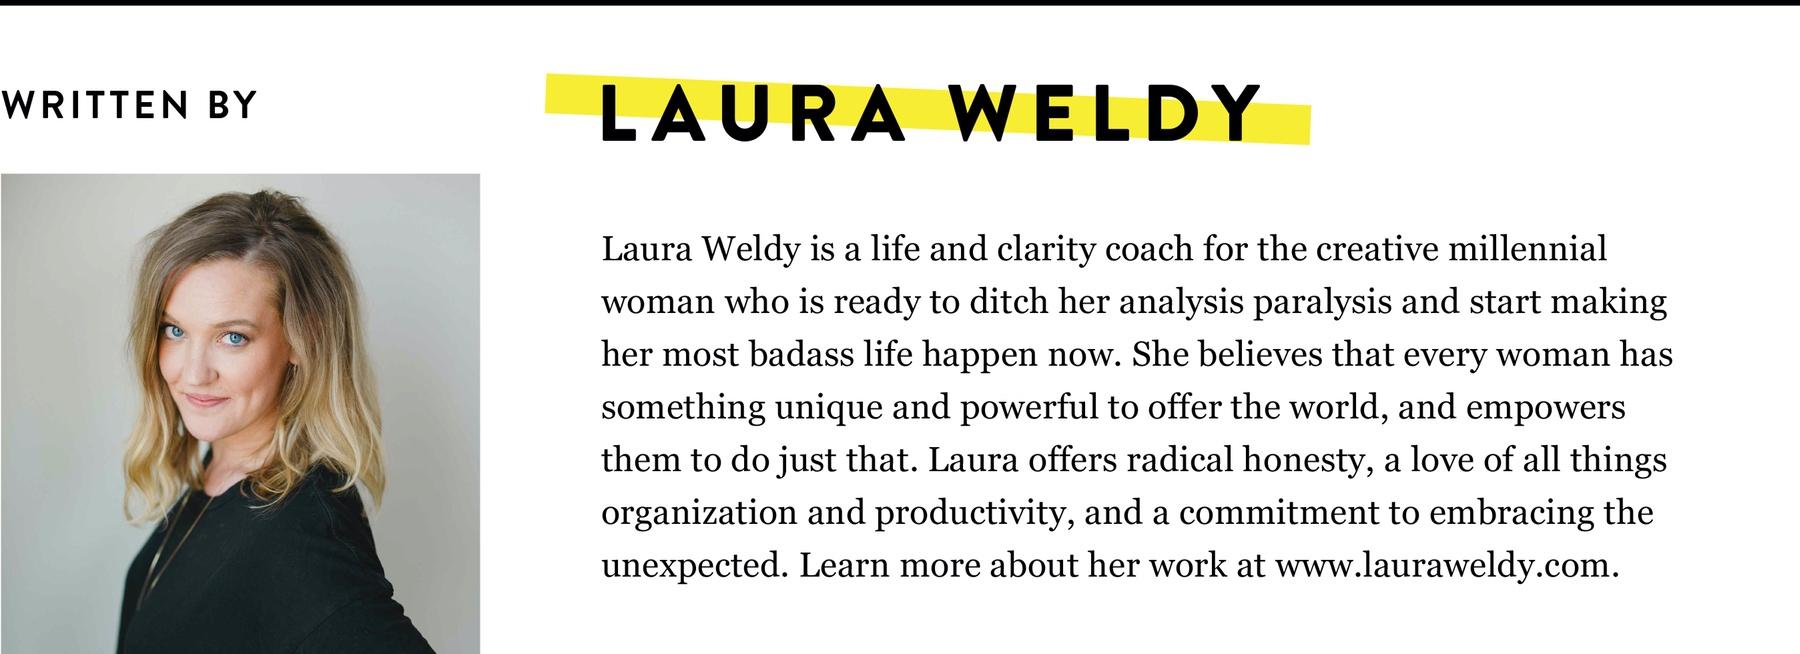 LAURA WELDY BIO